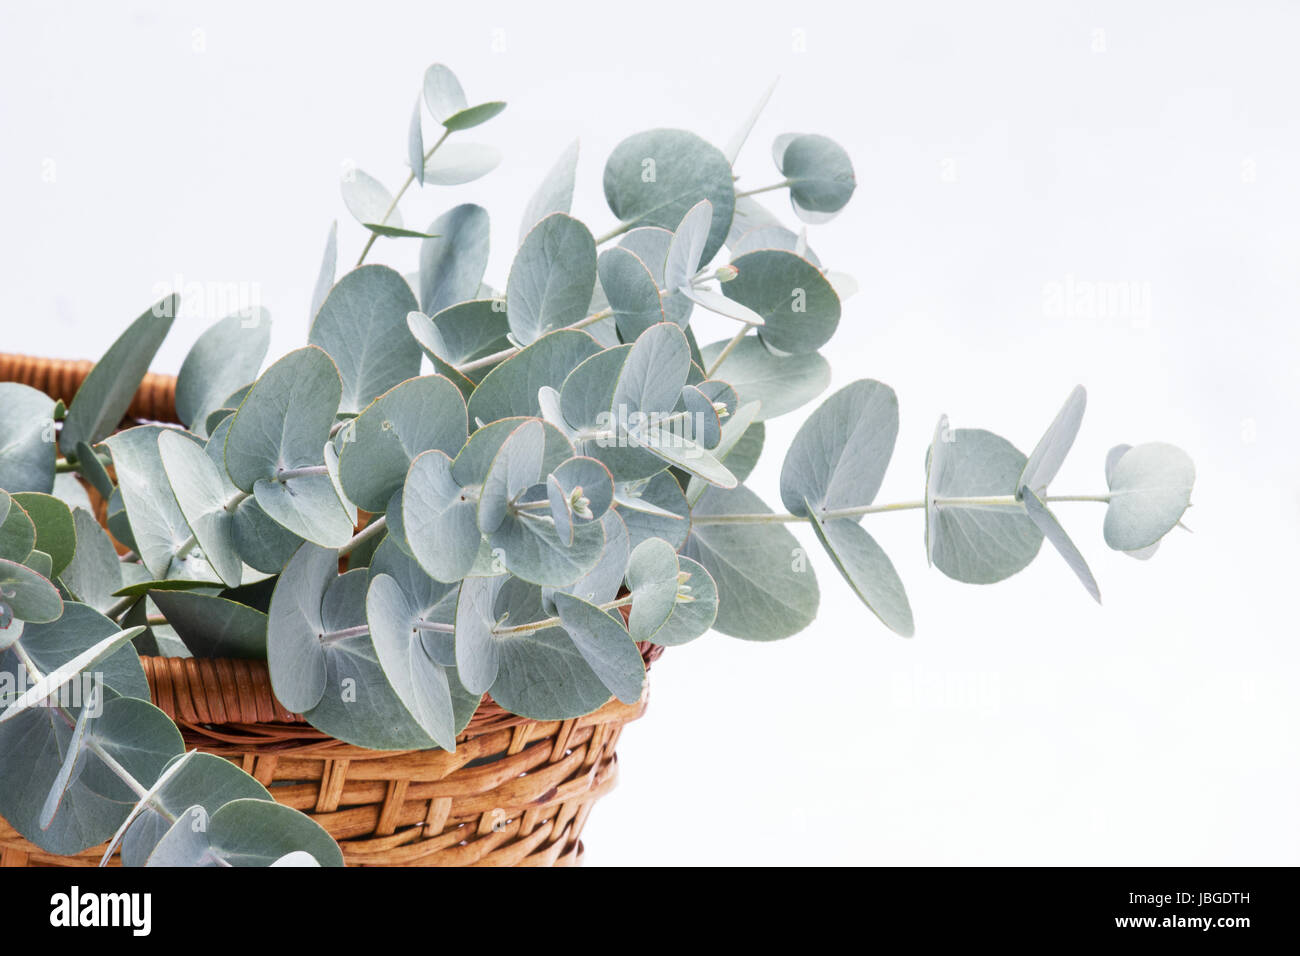 Eucalyptus perriniana on white background - Stock Image